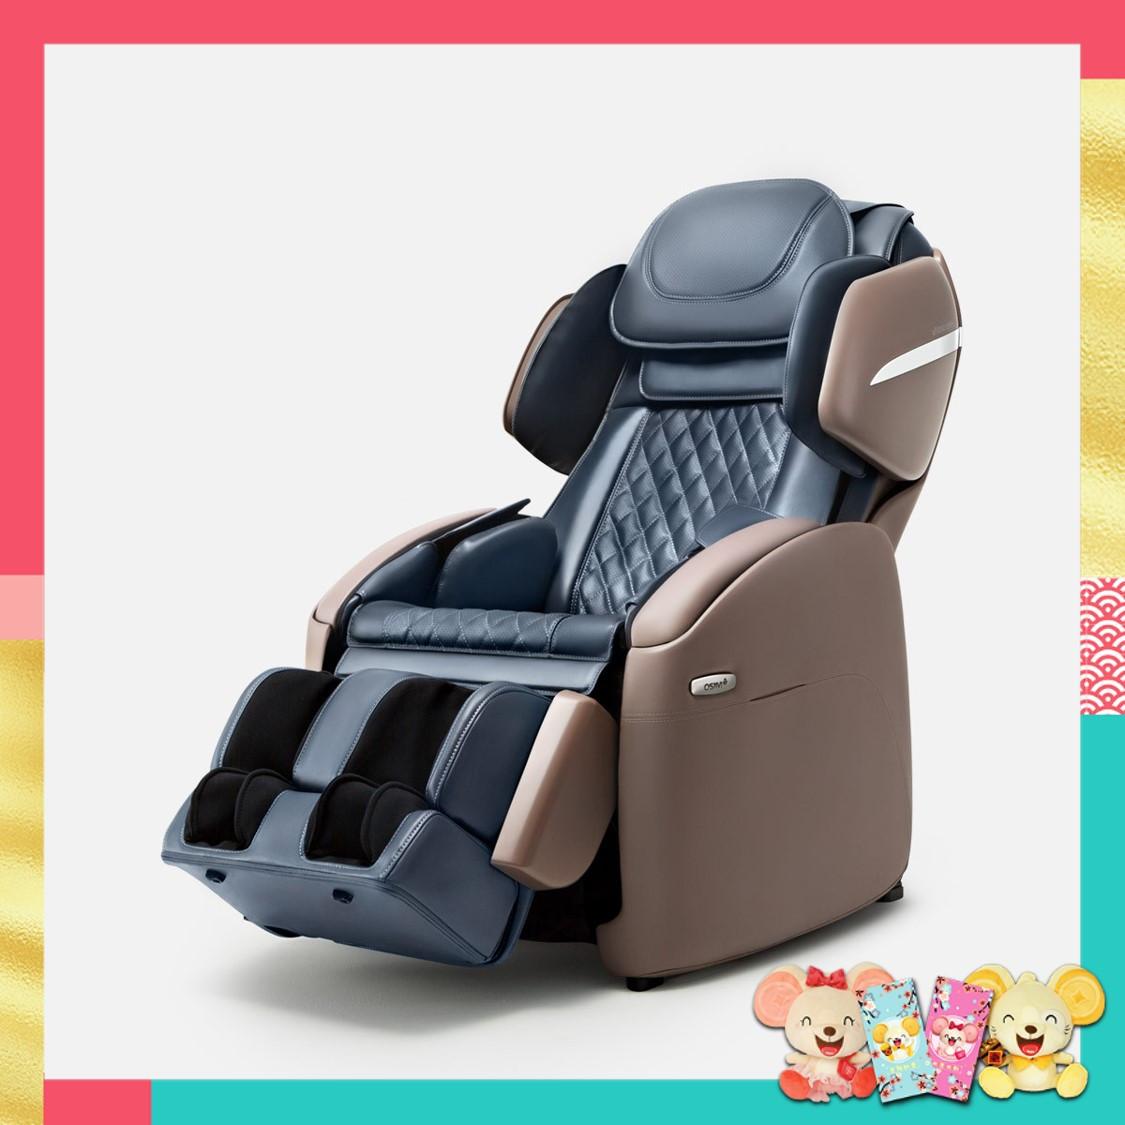 uNano Series Massage Chair